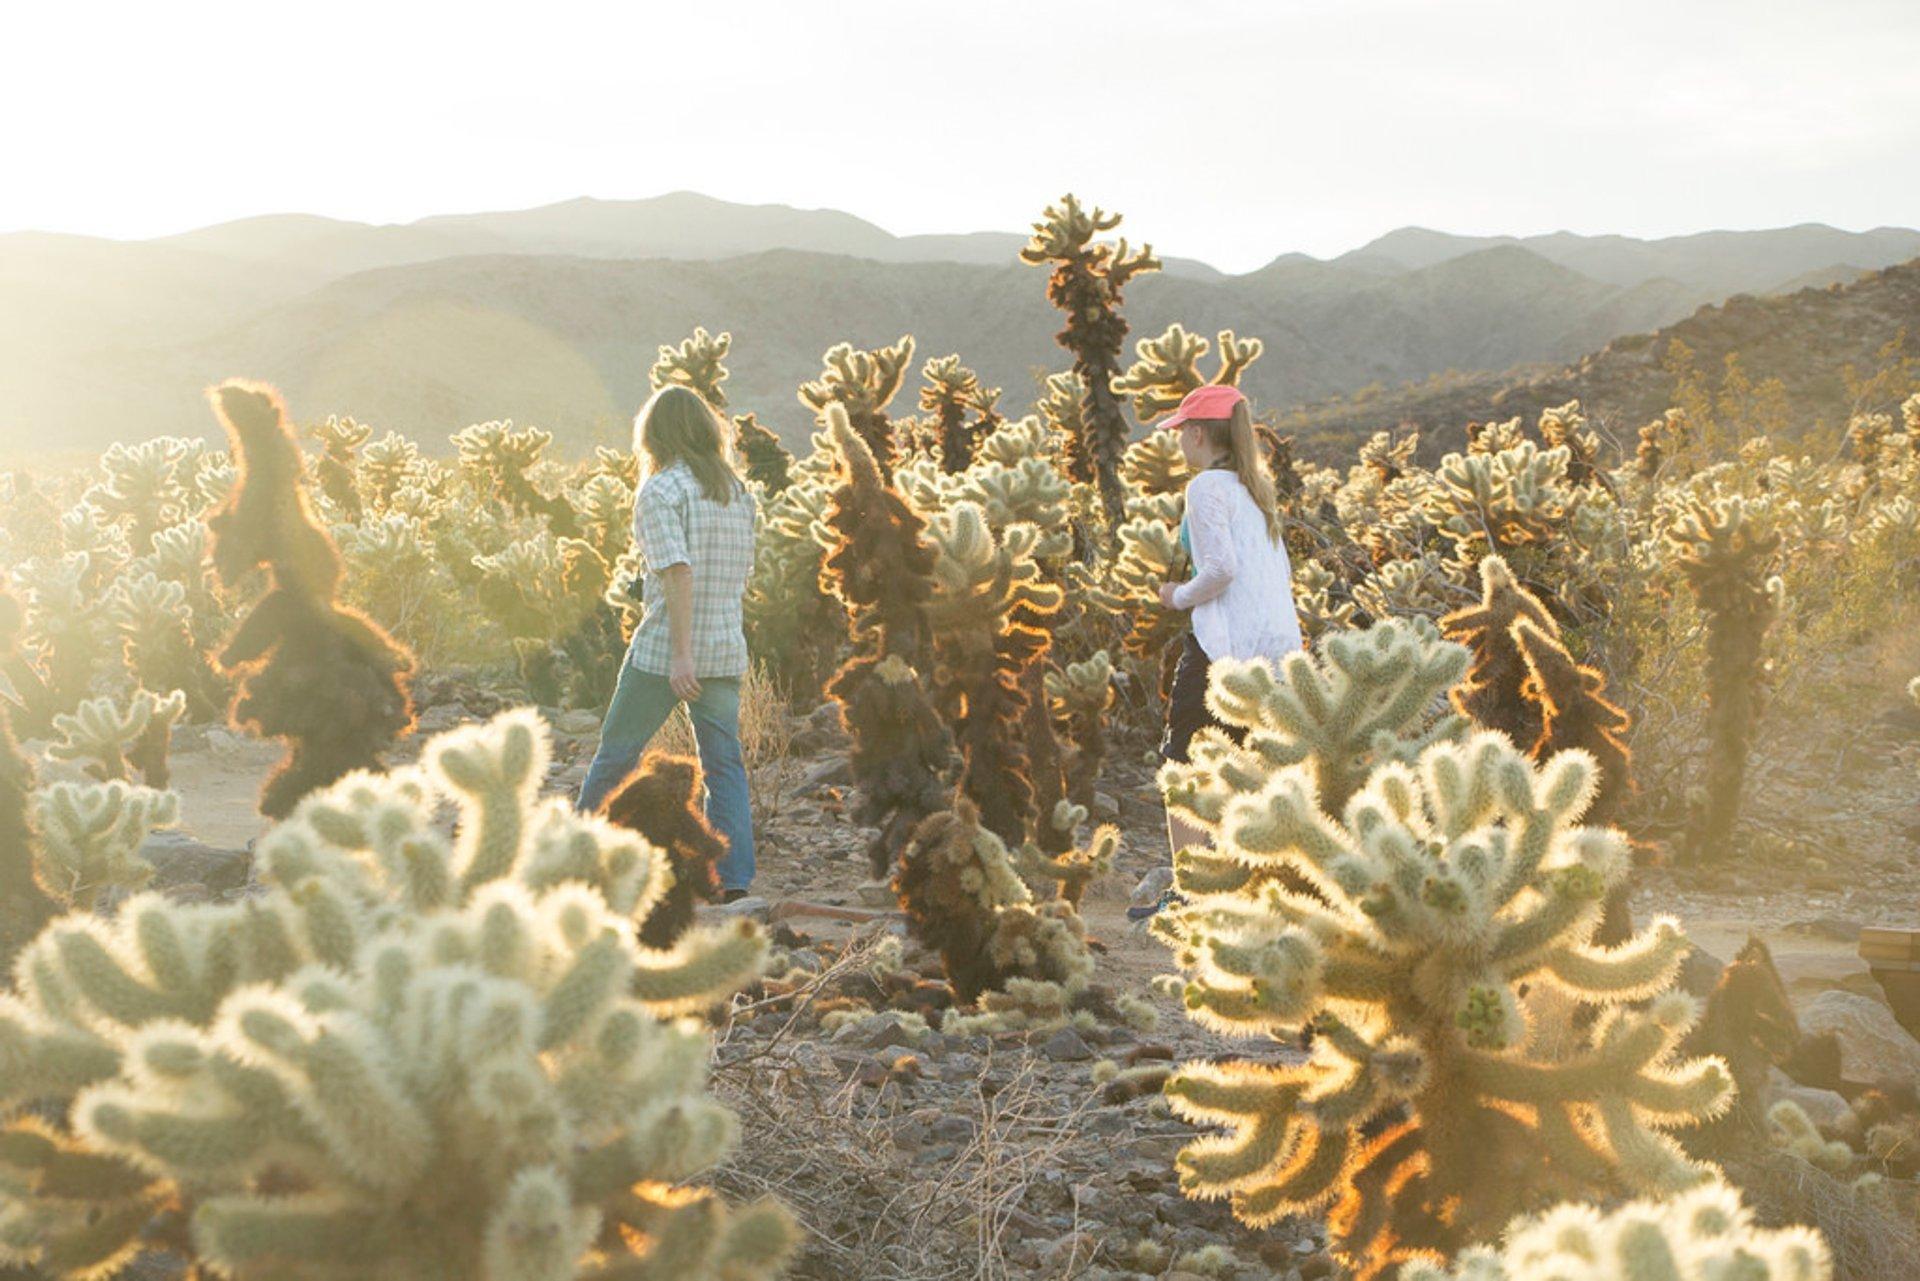 Cactus Blooming in Los Angeles 2020 - Best Time